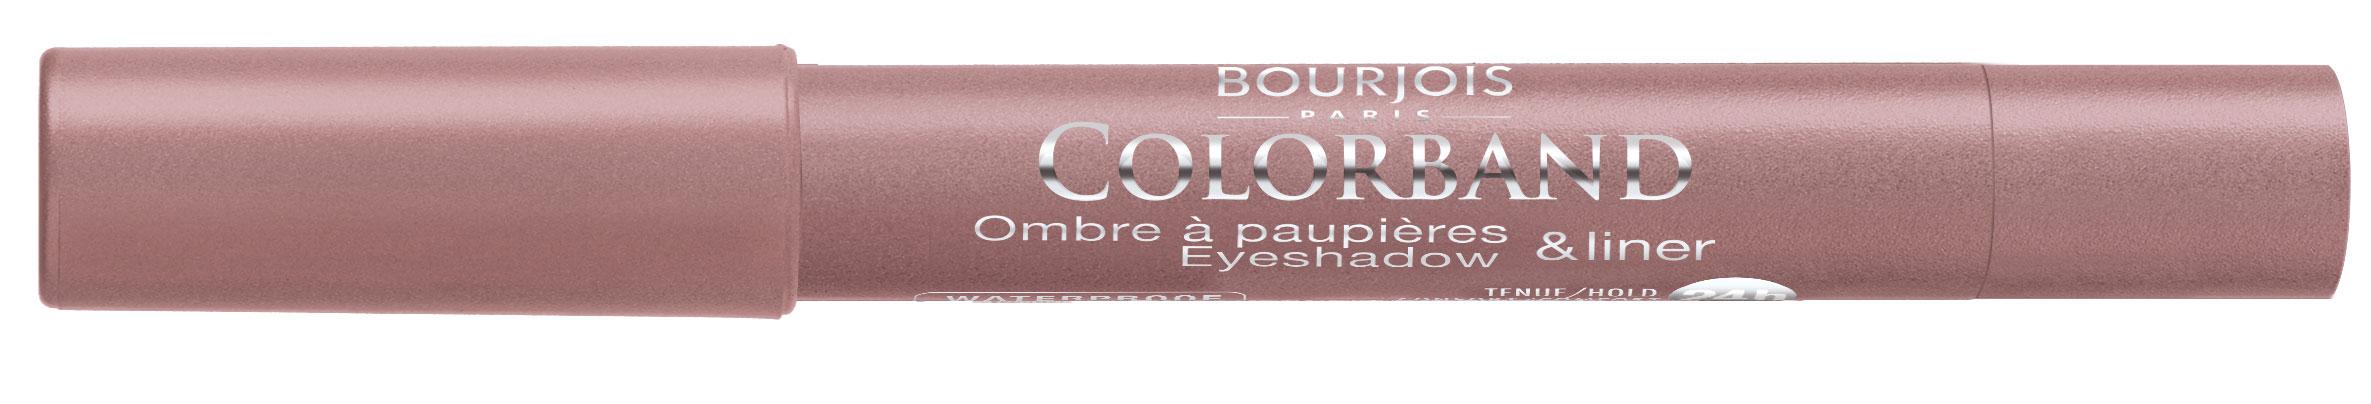 Colorband, tono 05 Mauve Baroque.